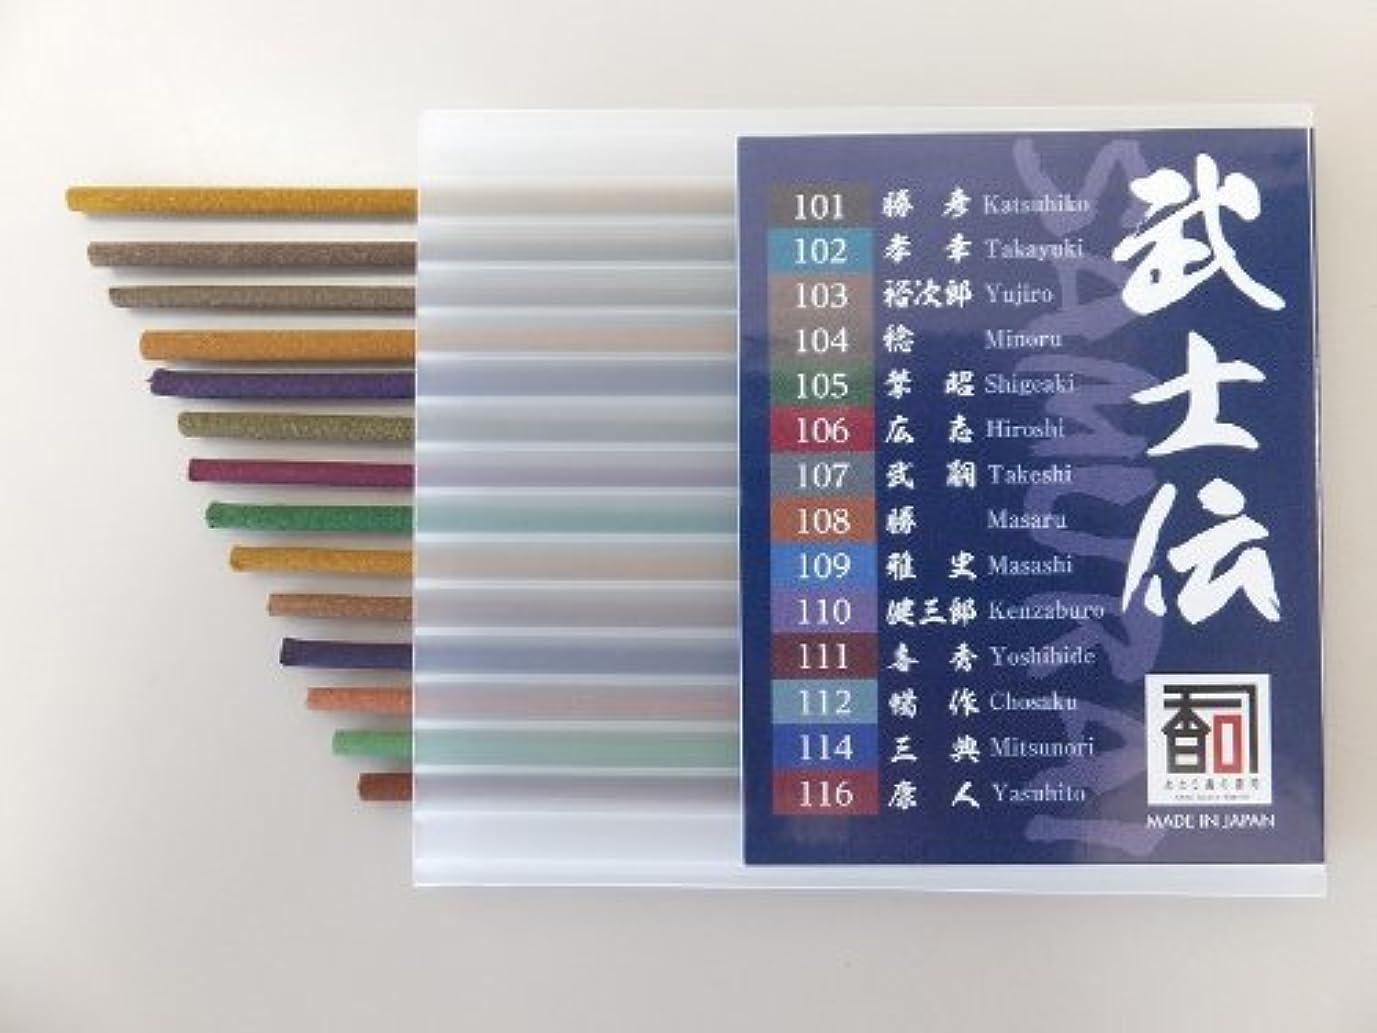 のため塗抹試みる「あわじ島の香司」 日本の香りシリーズ 【武士伝】 14本セット ◆経済産業大臣賞◆